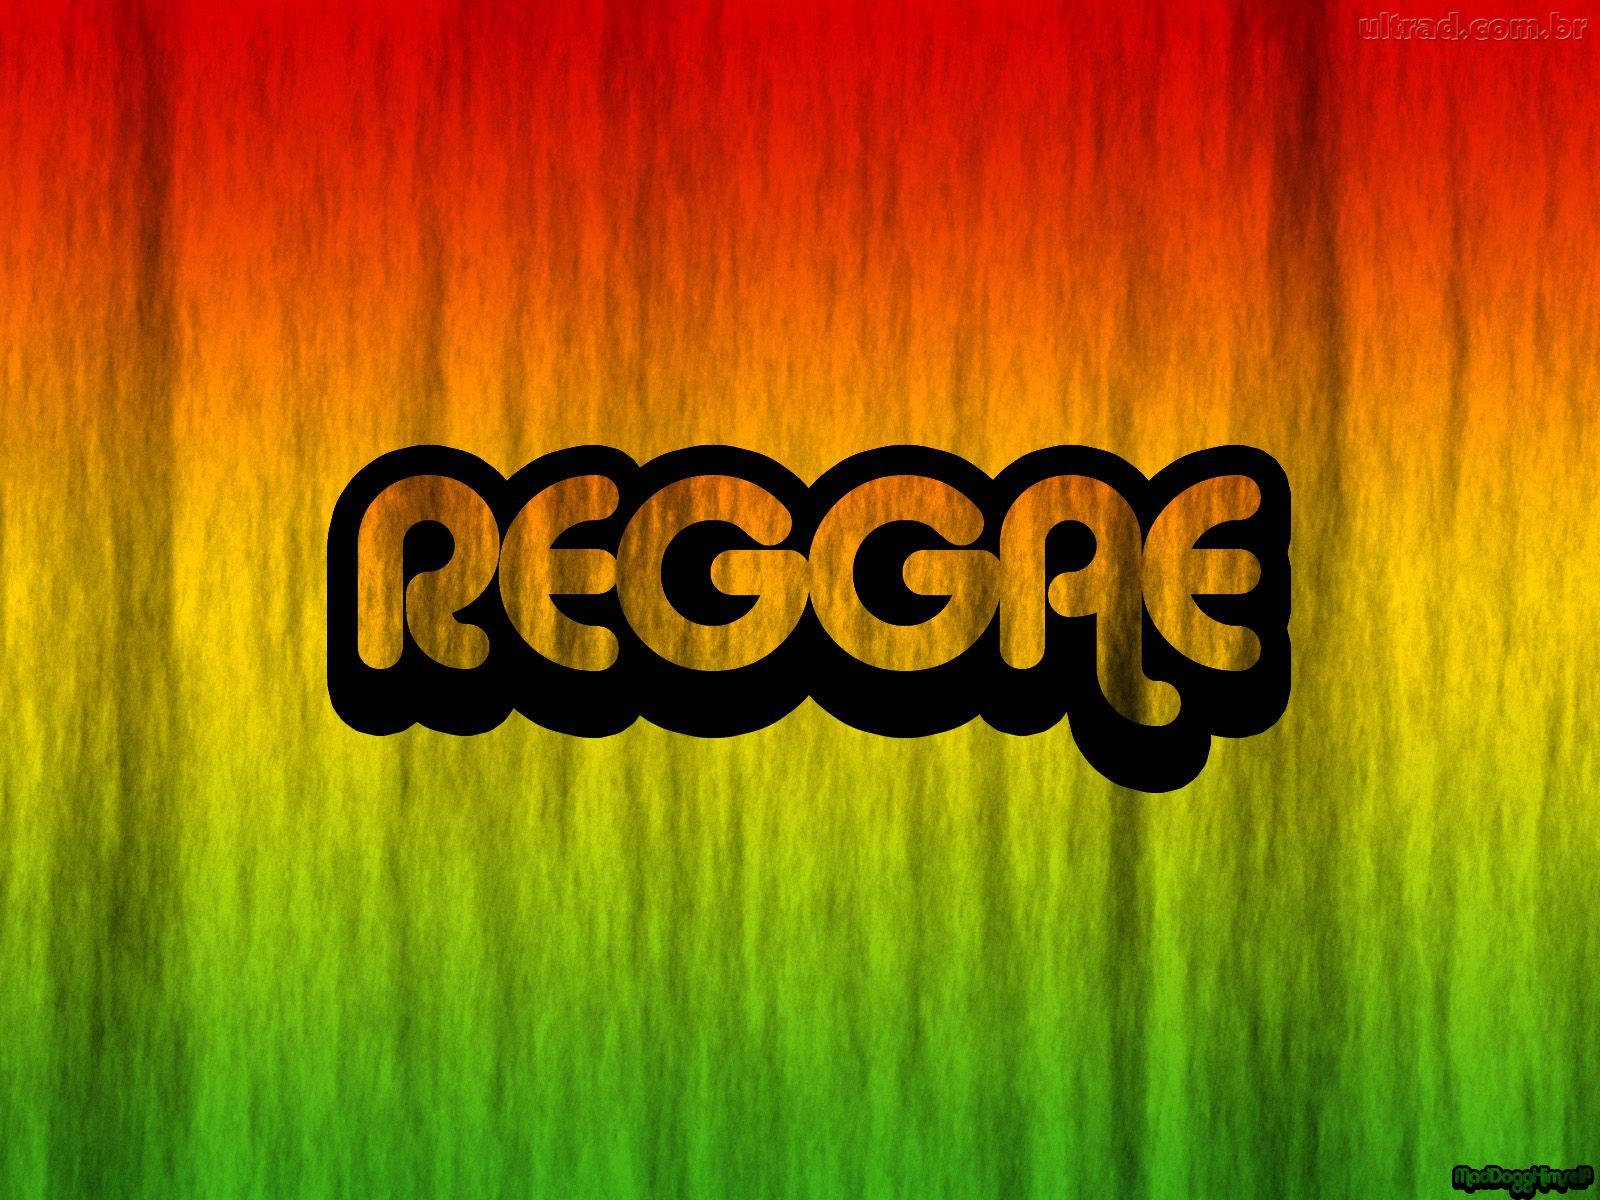 http://3.bp.blogspot.com/_x--fGBdqZbc/TTx1EunWdhI/AAAAAAAAAAk/DyQgcmdPzaU/s1600/180761_Papel-de-Parede-Reggae--180761_1600x1200.jpg